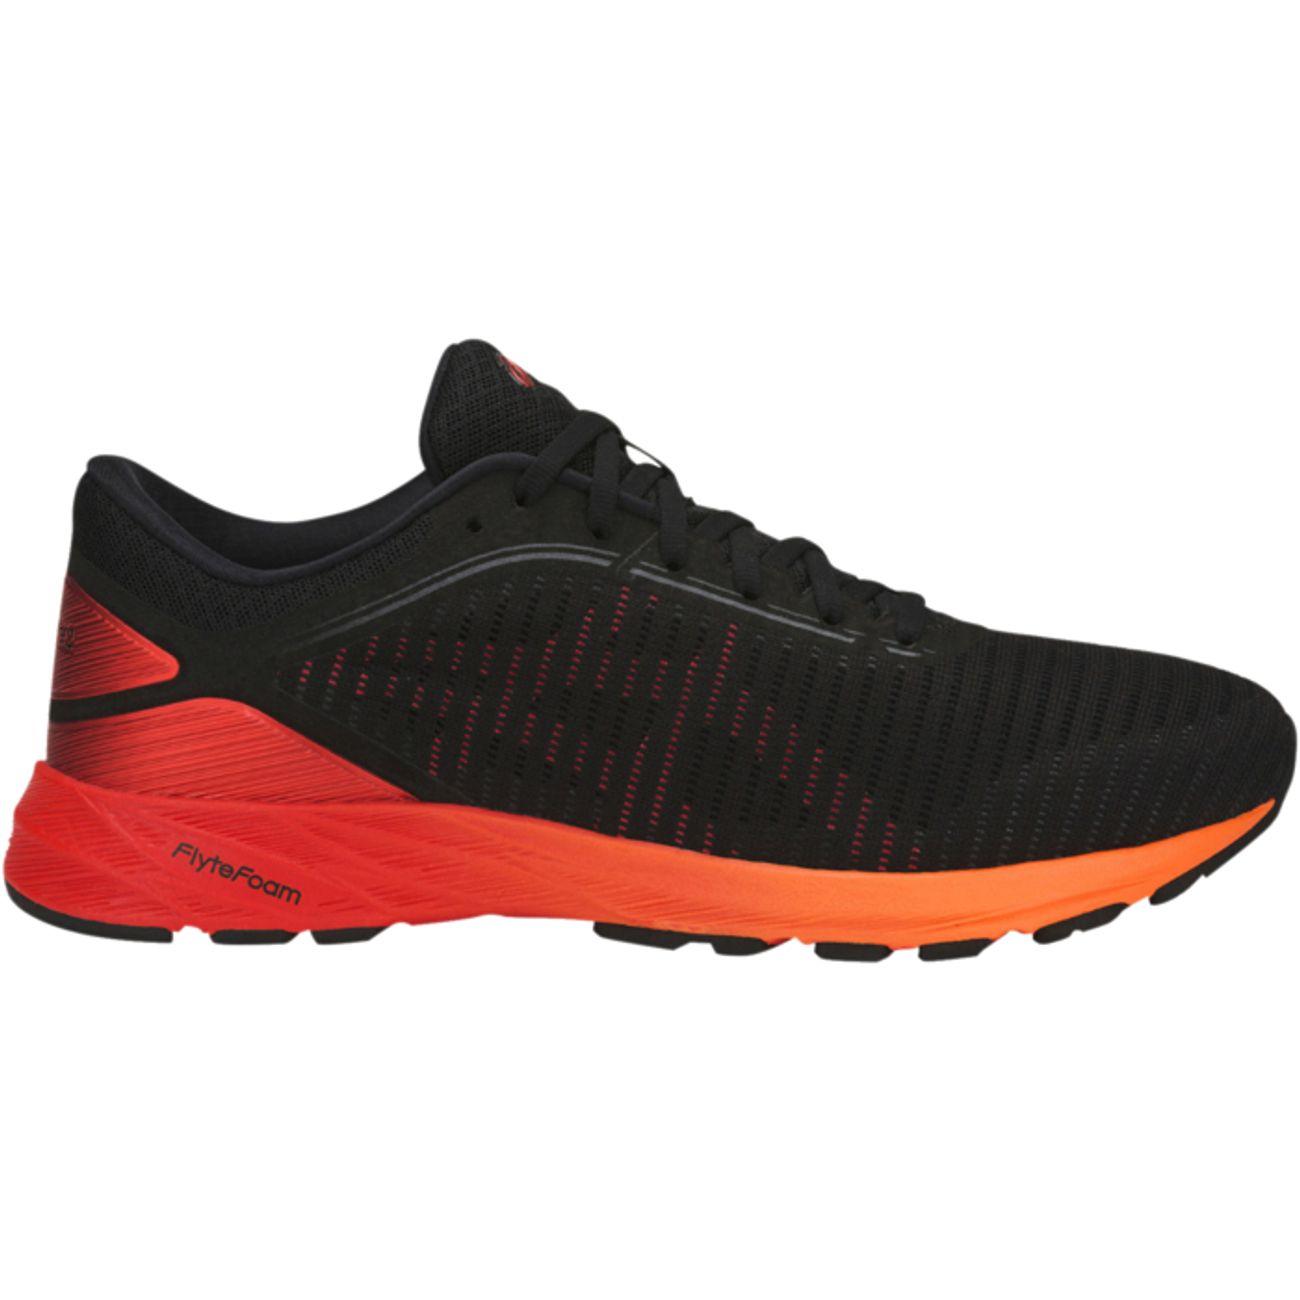 Asics Dynaflyte 2 Noir-Orange - Chaussures Baskets basses Homme